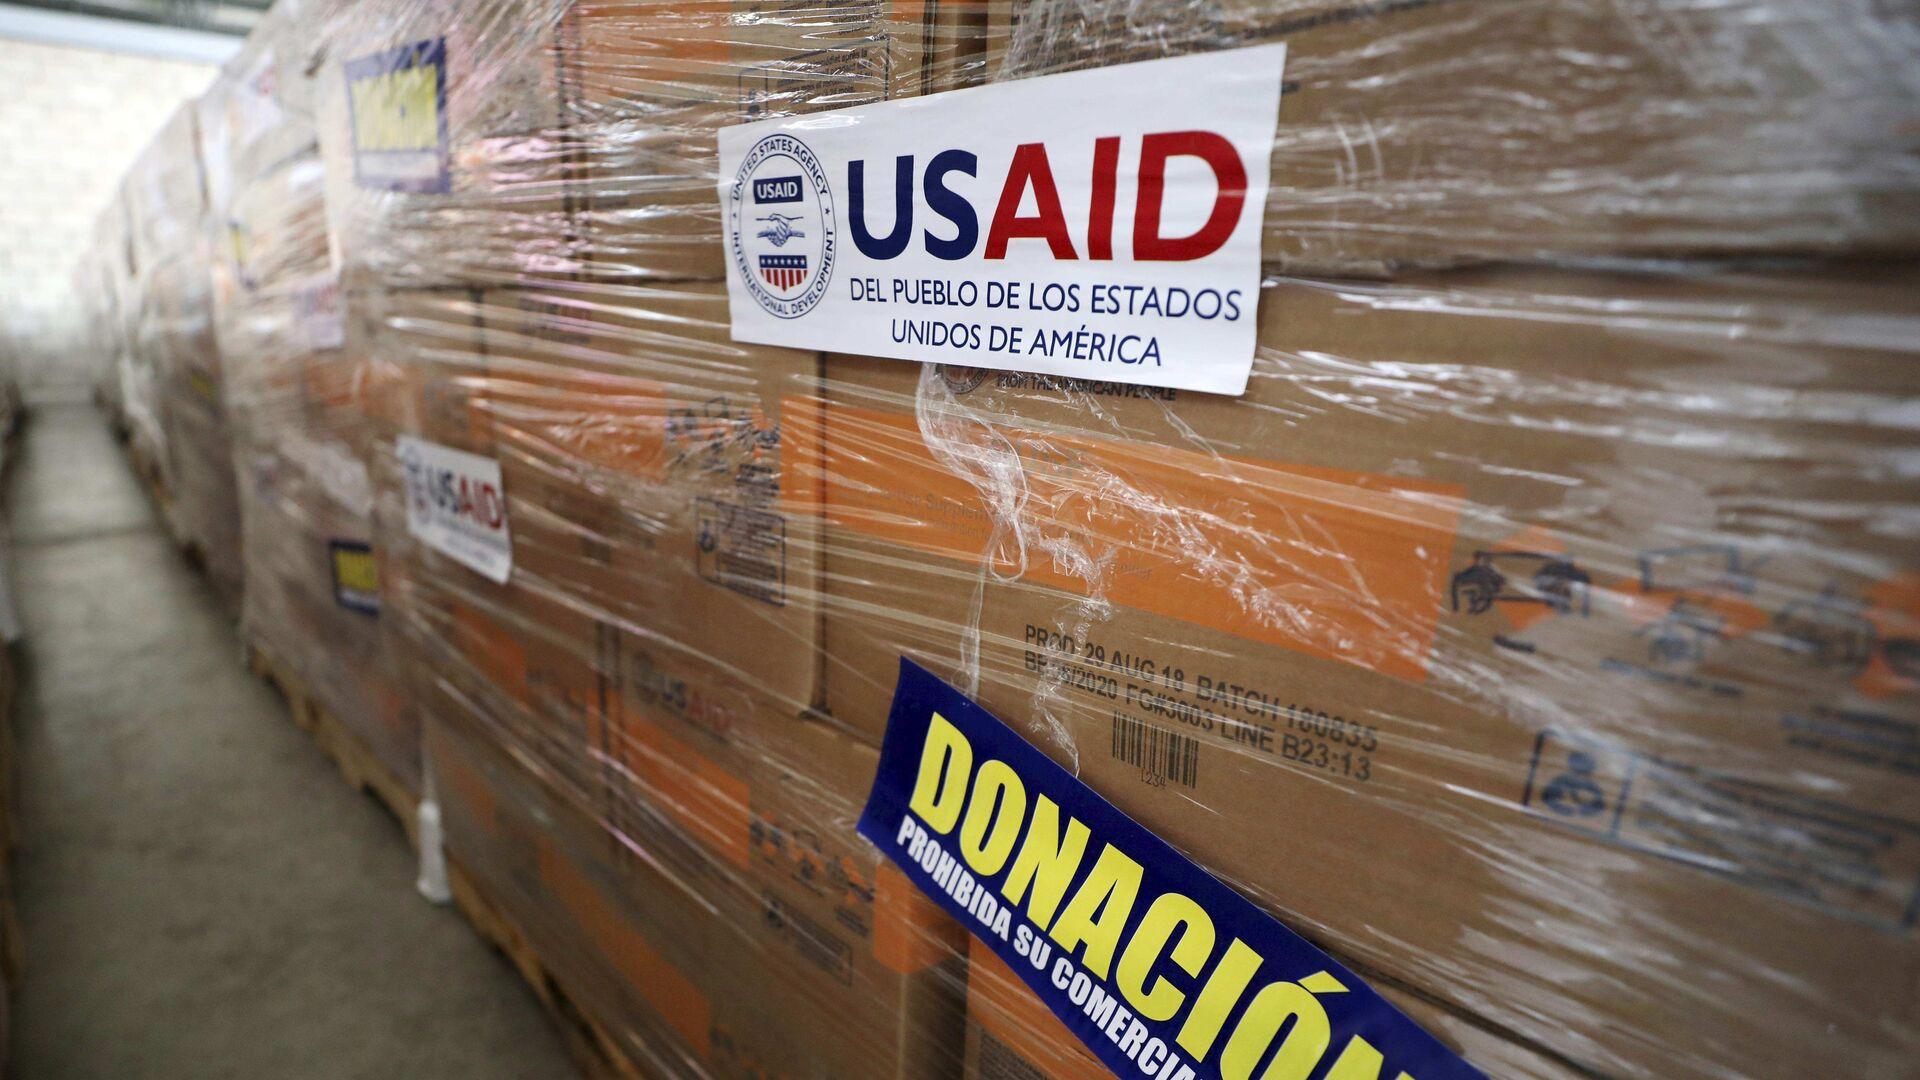 Ayuda humanitaria de EEUU - Sputnik Mundo, 1920, 25.03.2021